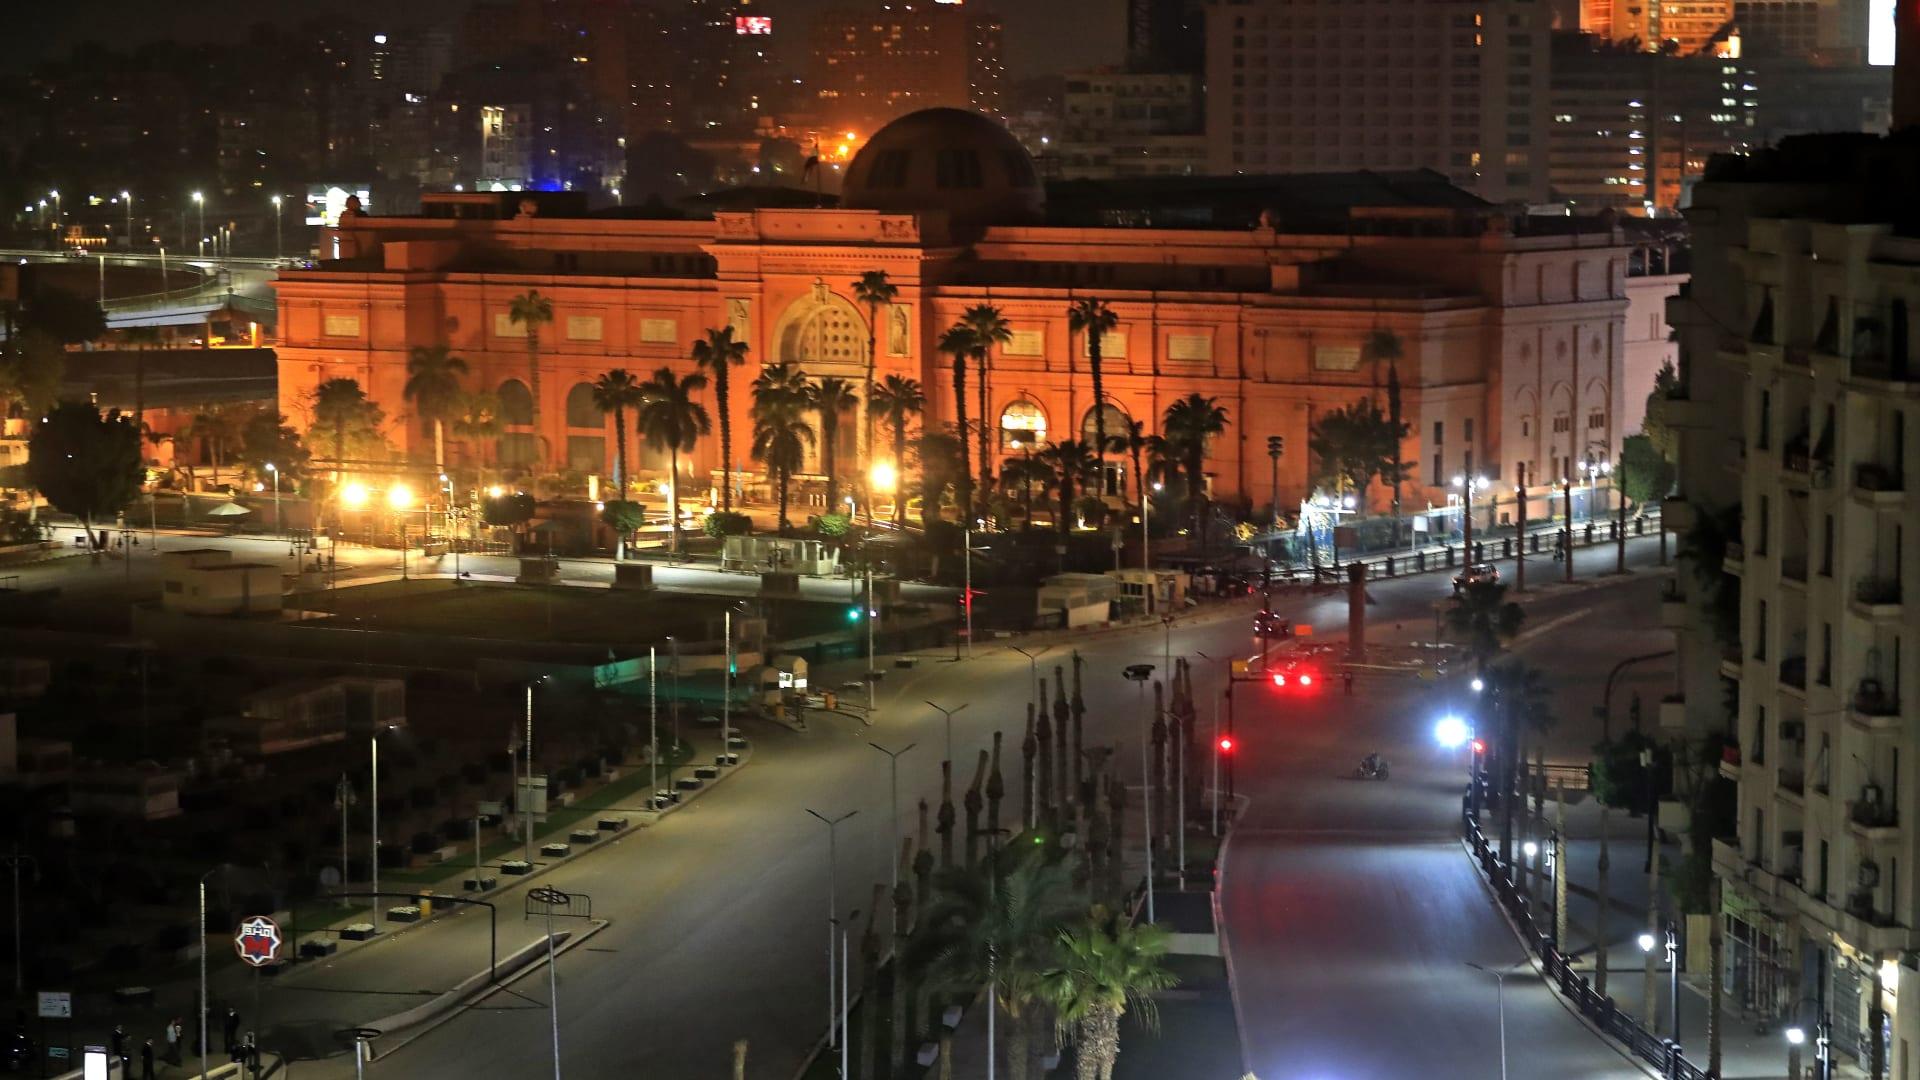 ممثل منظمة الصحة في مصر يشيد بتعامل القاهرة مع فيروس كورونا